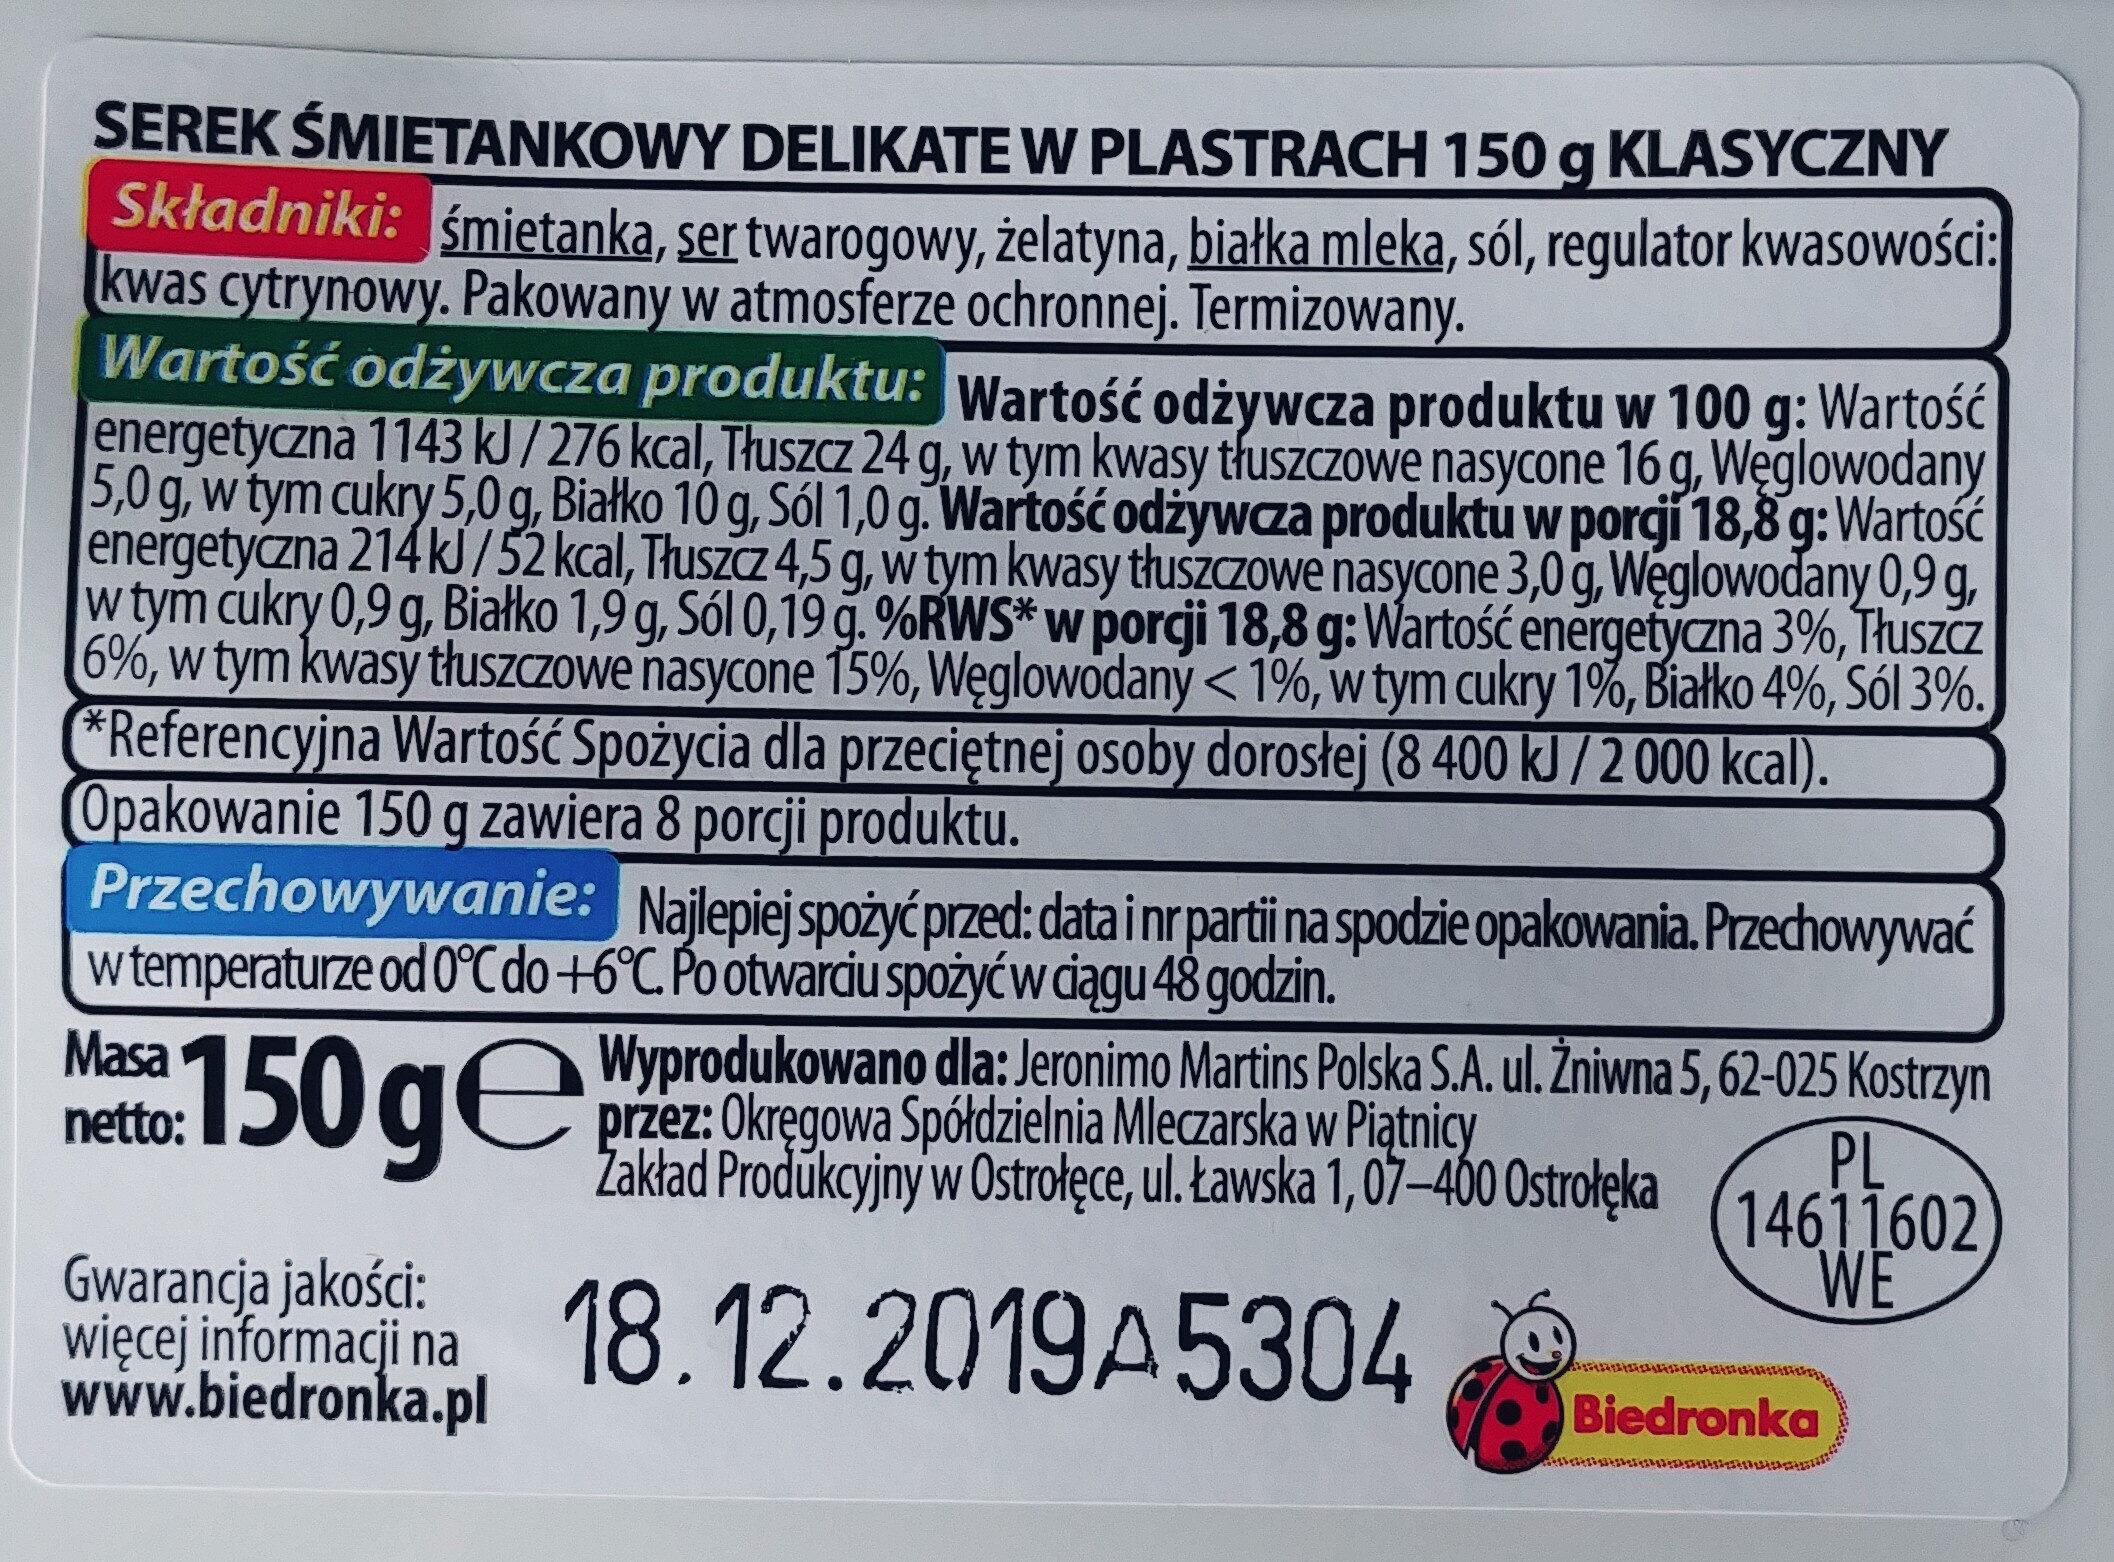 Serek śmietankowy w plastrach klasyczny - Ingredients